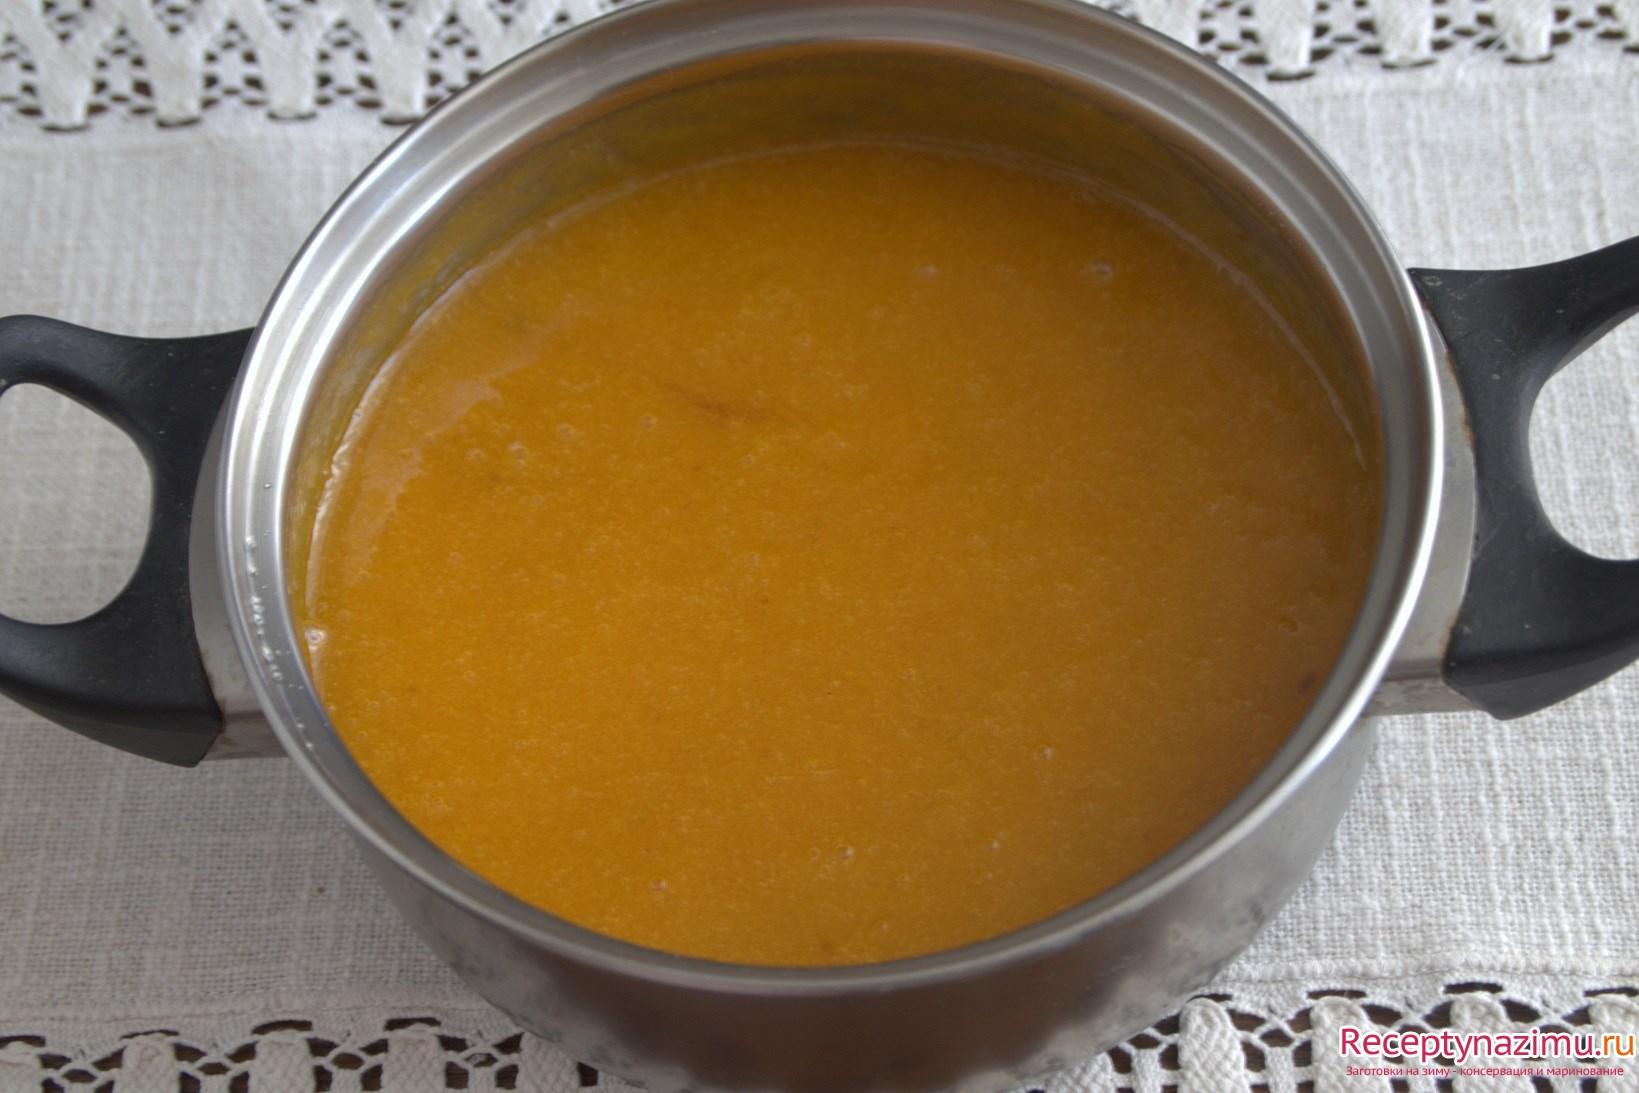 Мармелад из абрикосов: 2 рецепта заготовок на зиму » Сусеки 70